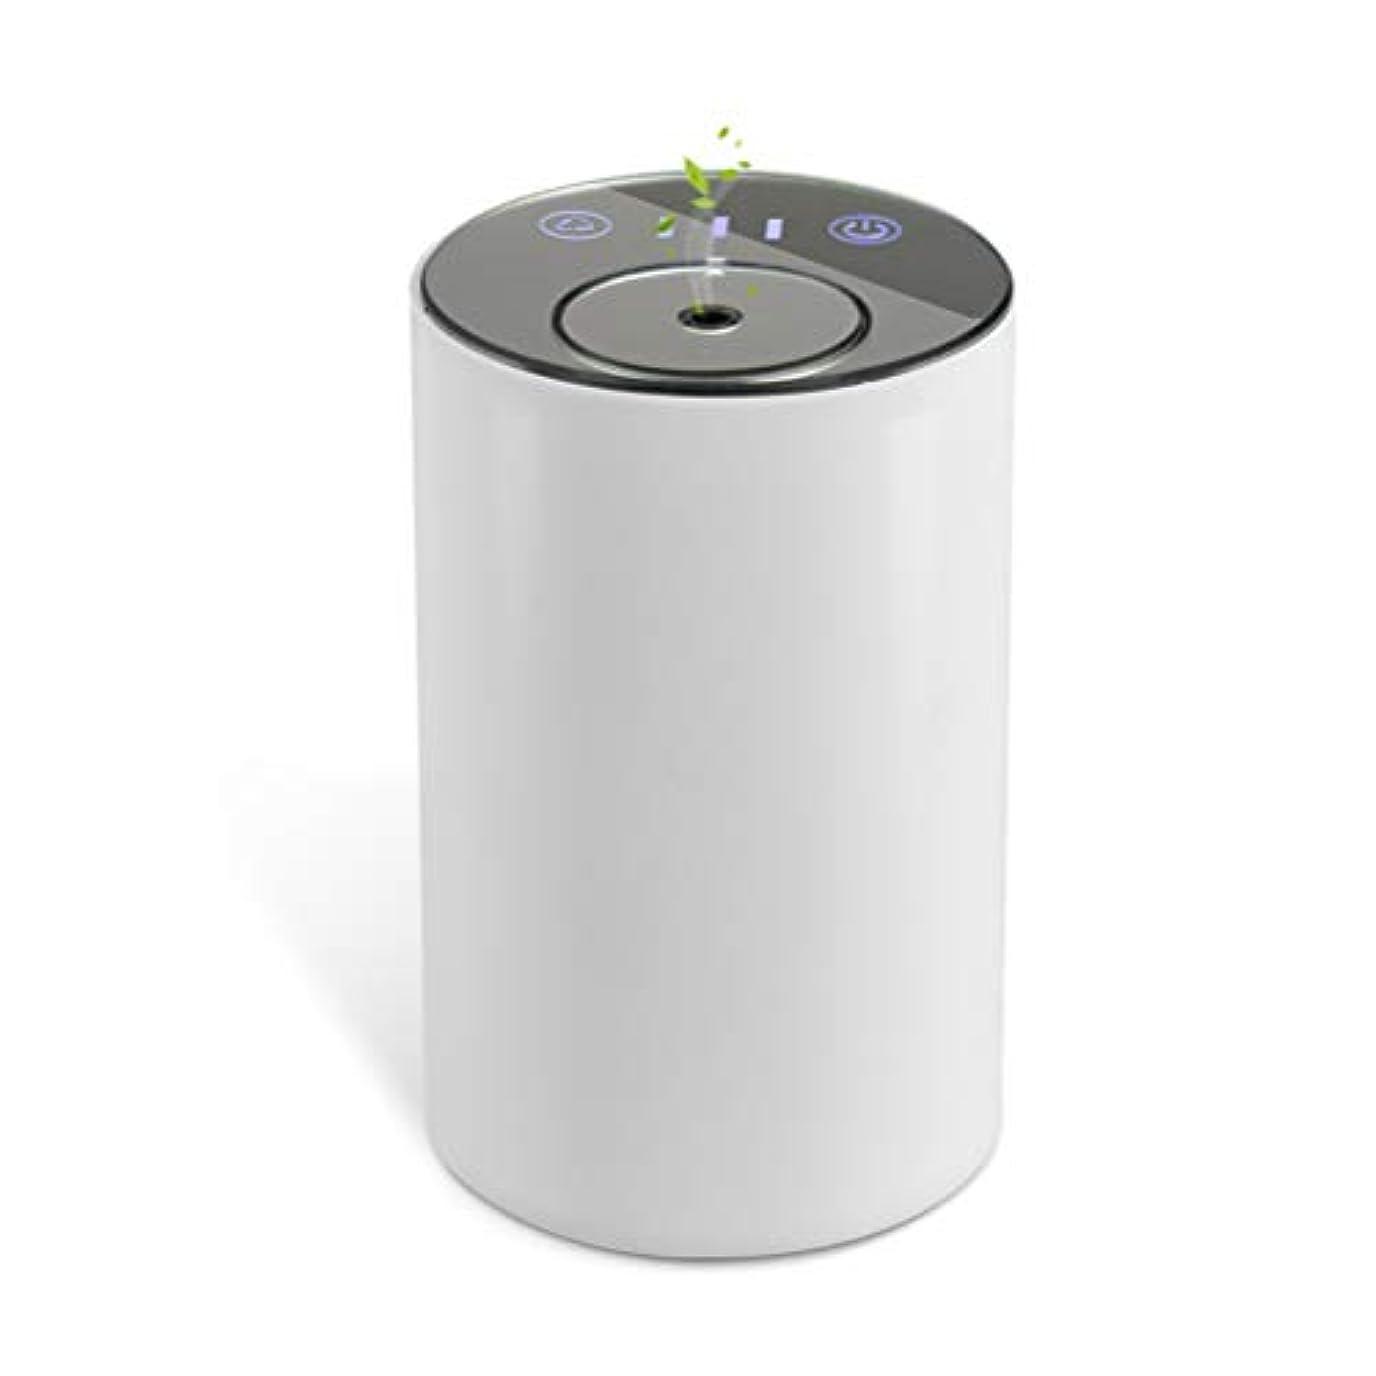 惨めな独創的人類アロマディフューザー ネブライザー式 水なし 充電式 静音 噴霧 ミスト量調整可 タイマー機能 車用 エッセンシャルオイルの節約